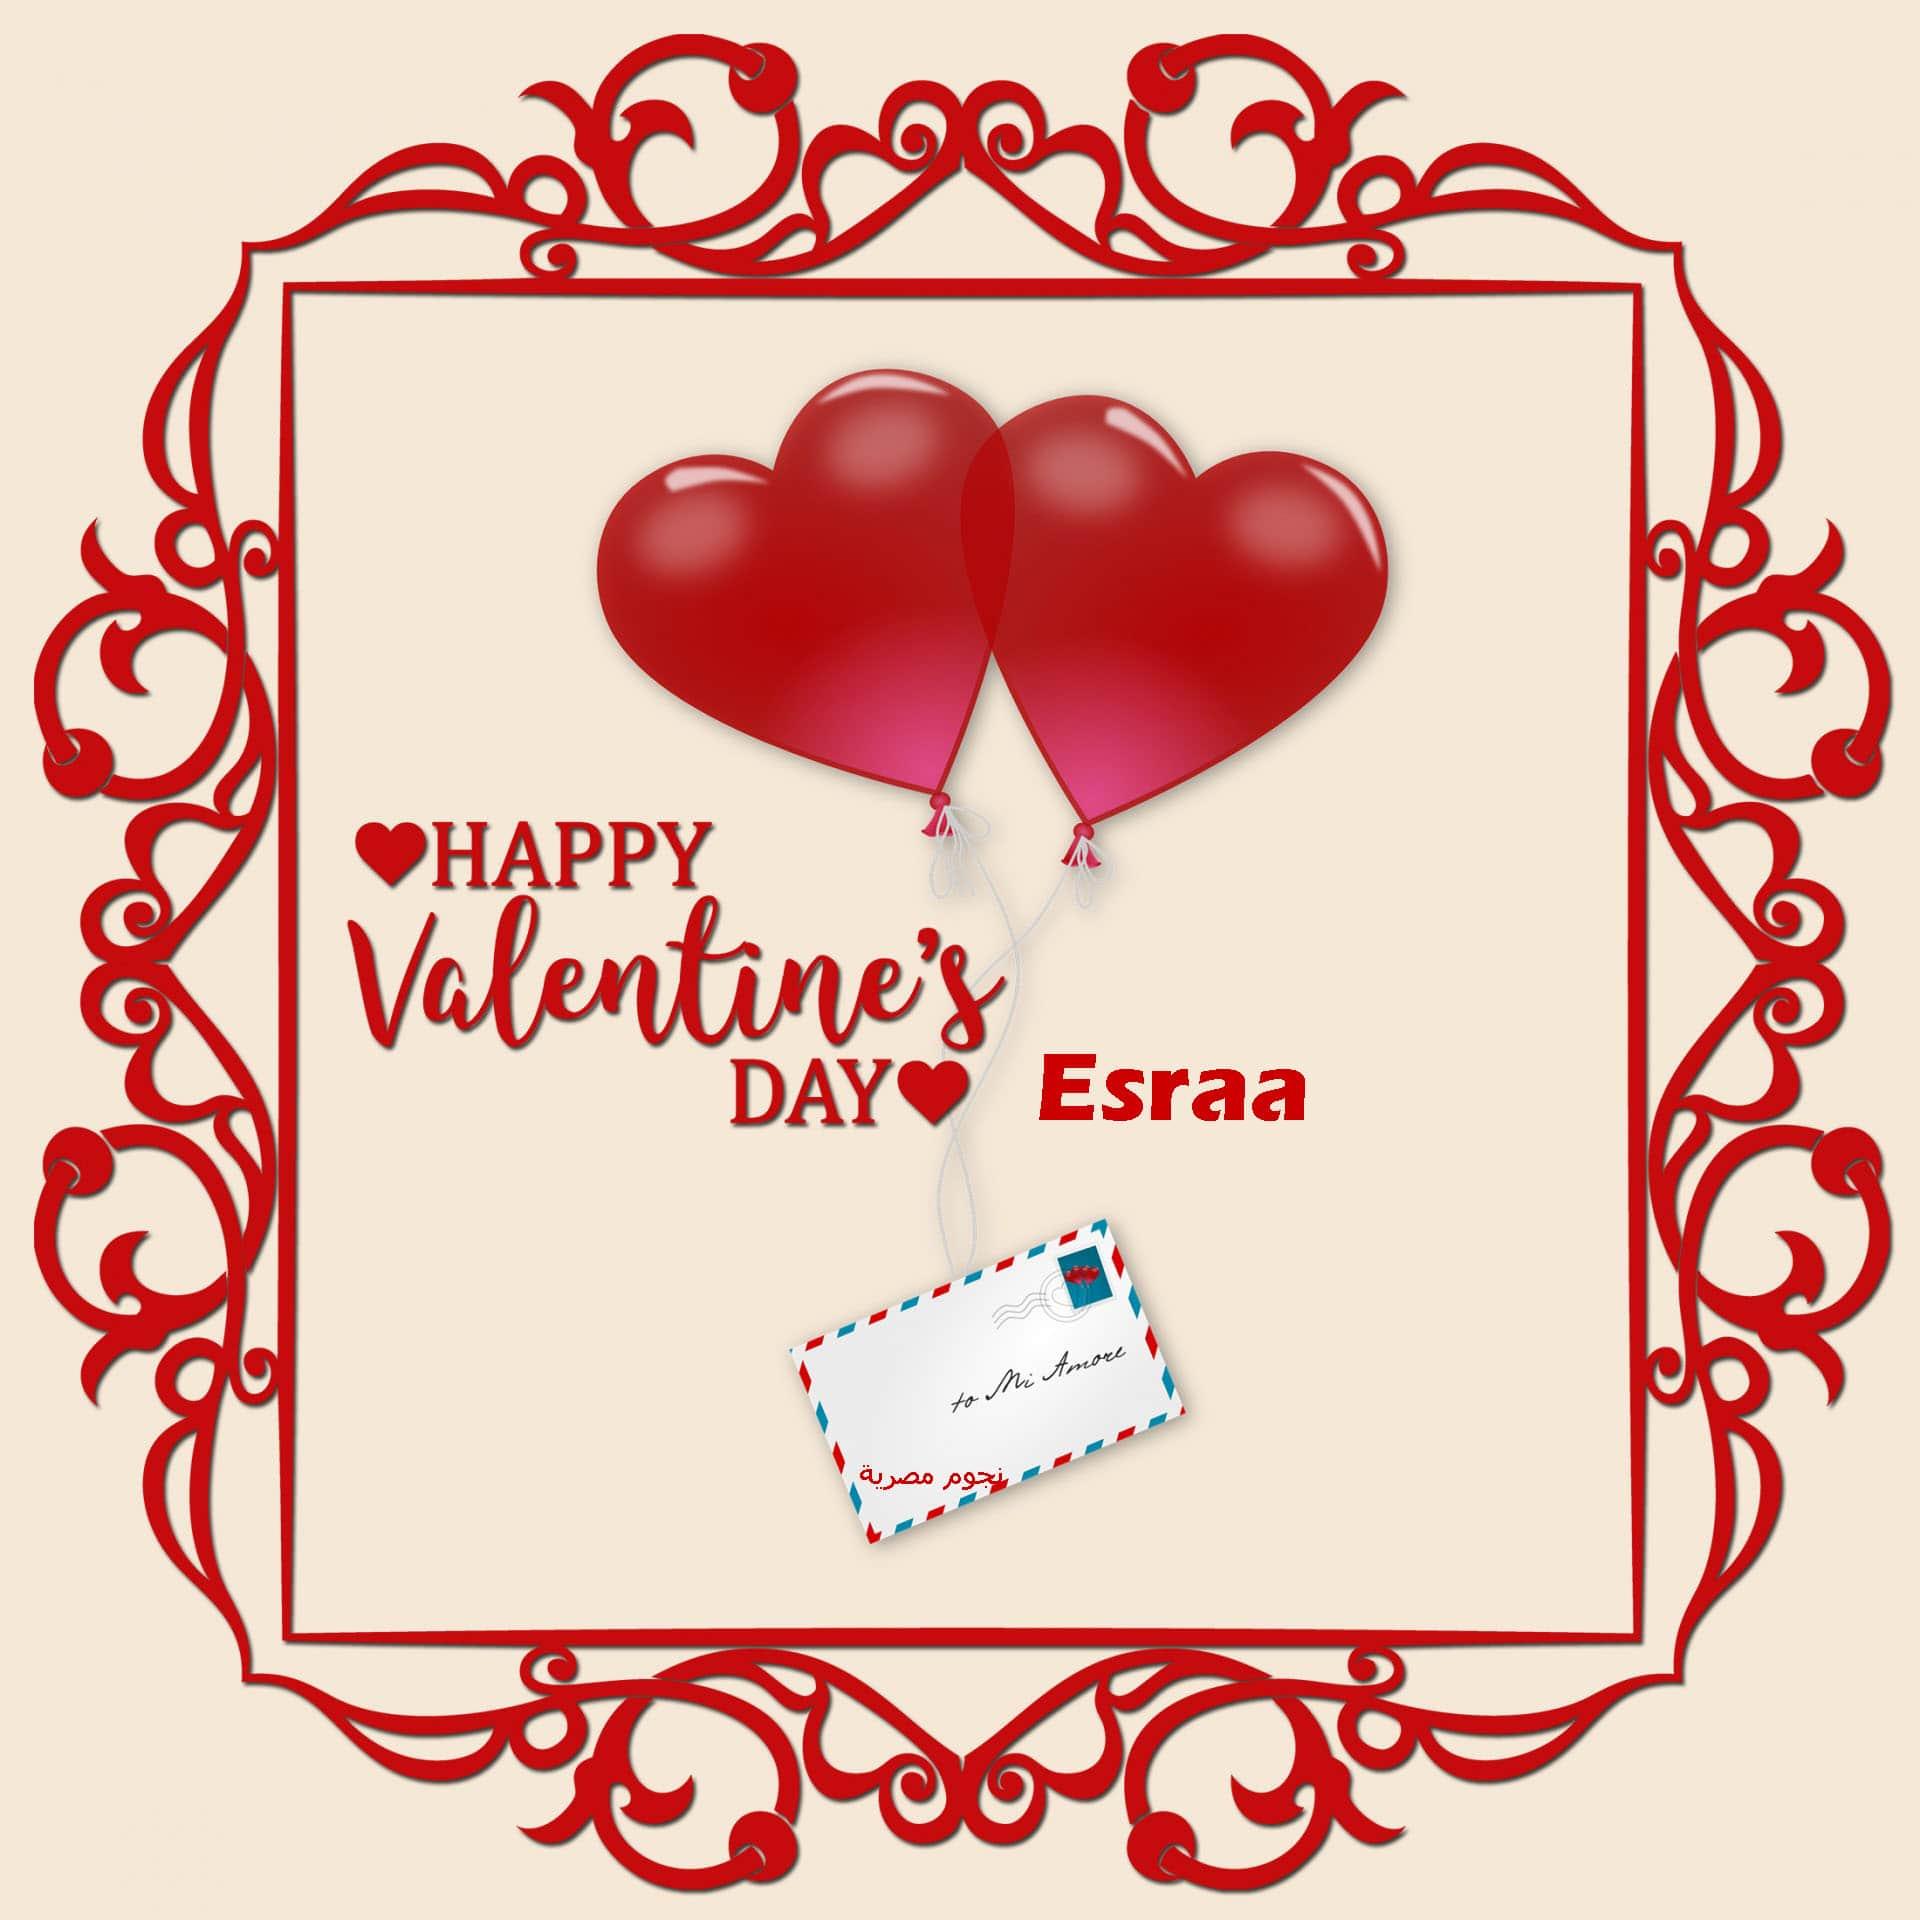 بالصور رسائل عن الحب , صور لعيد الحب 5203 4